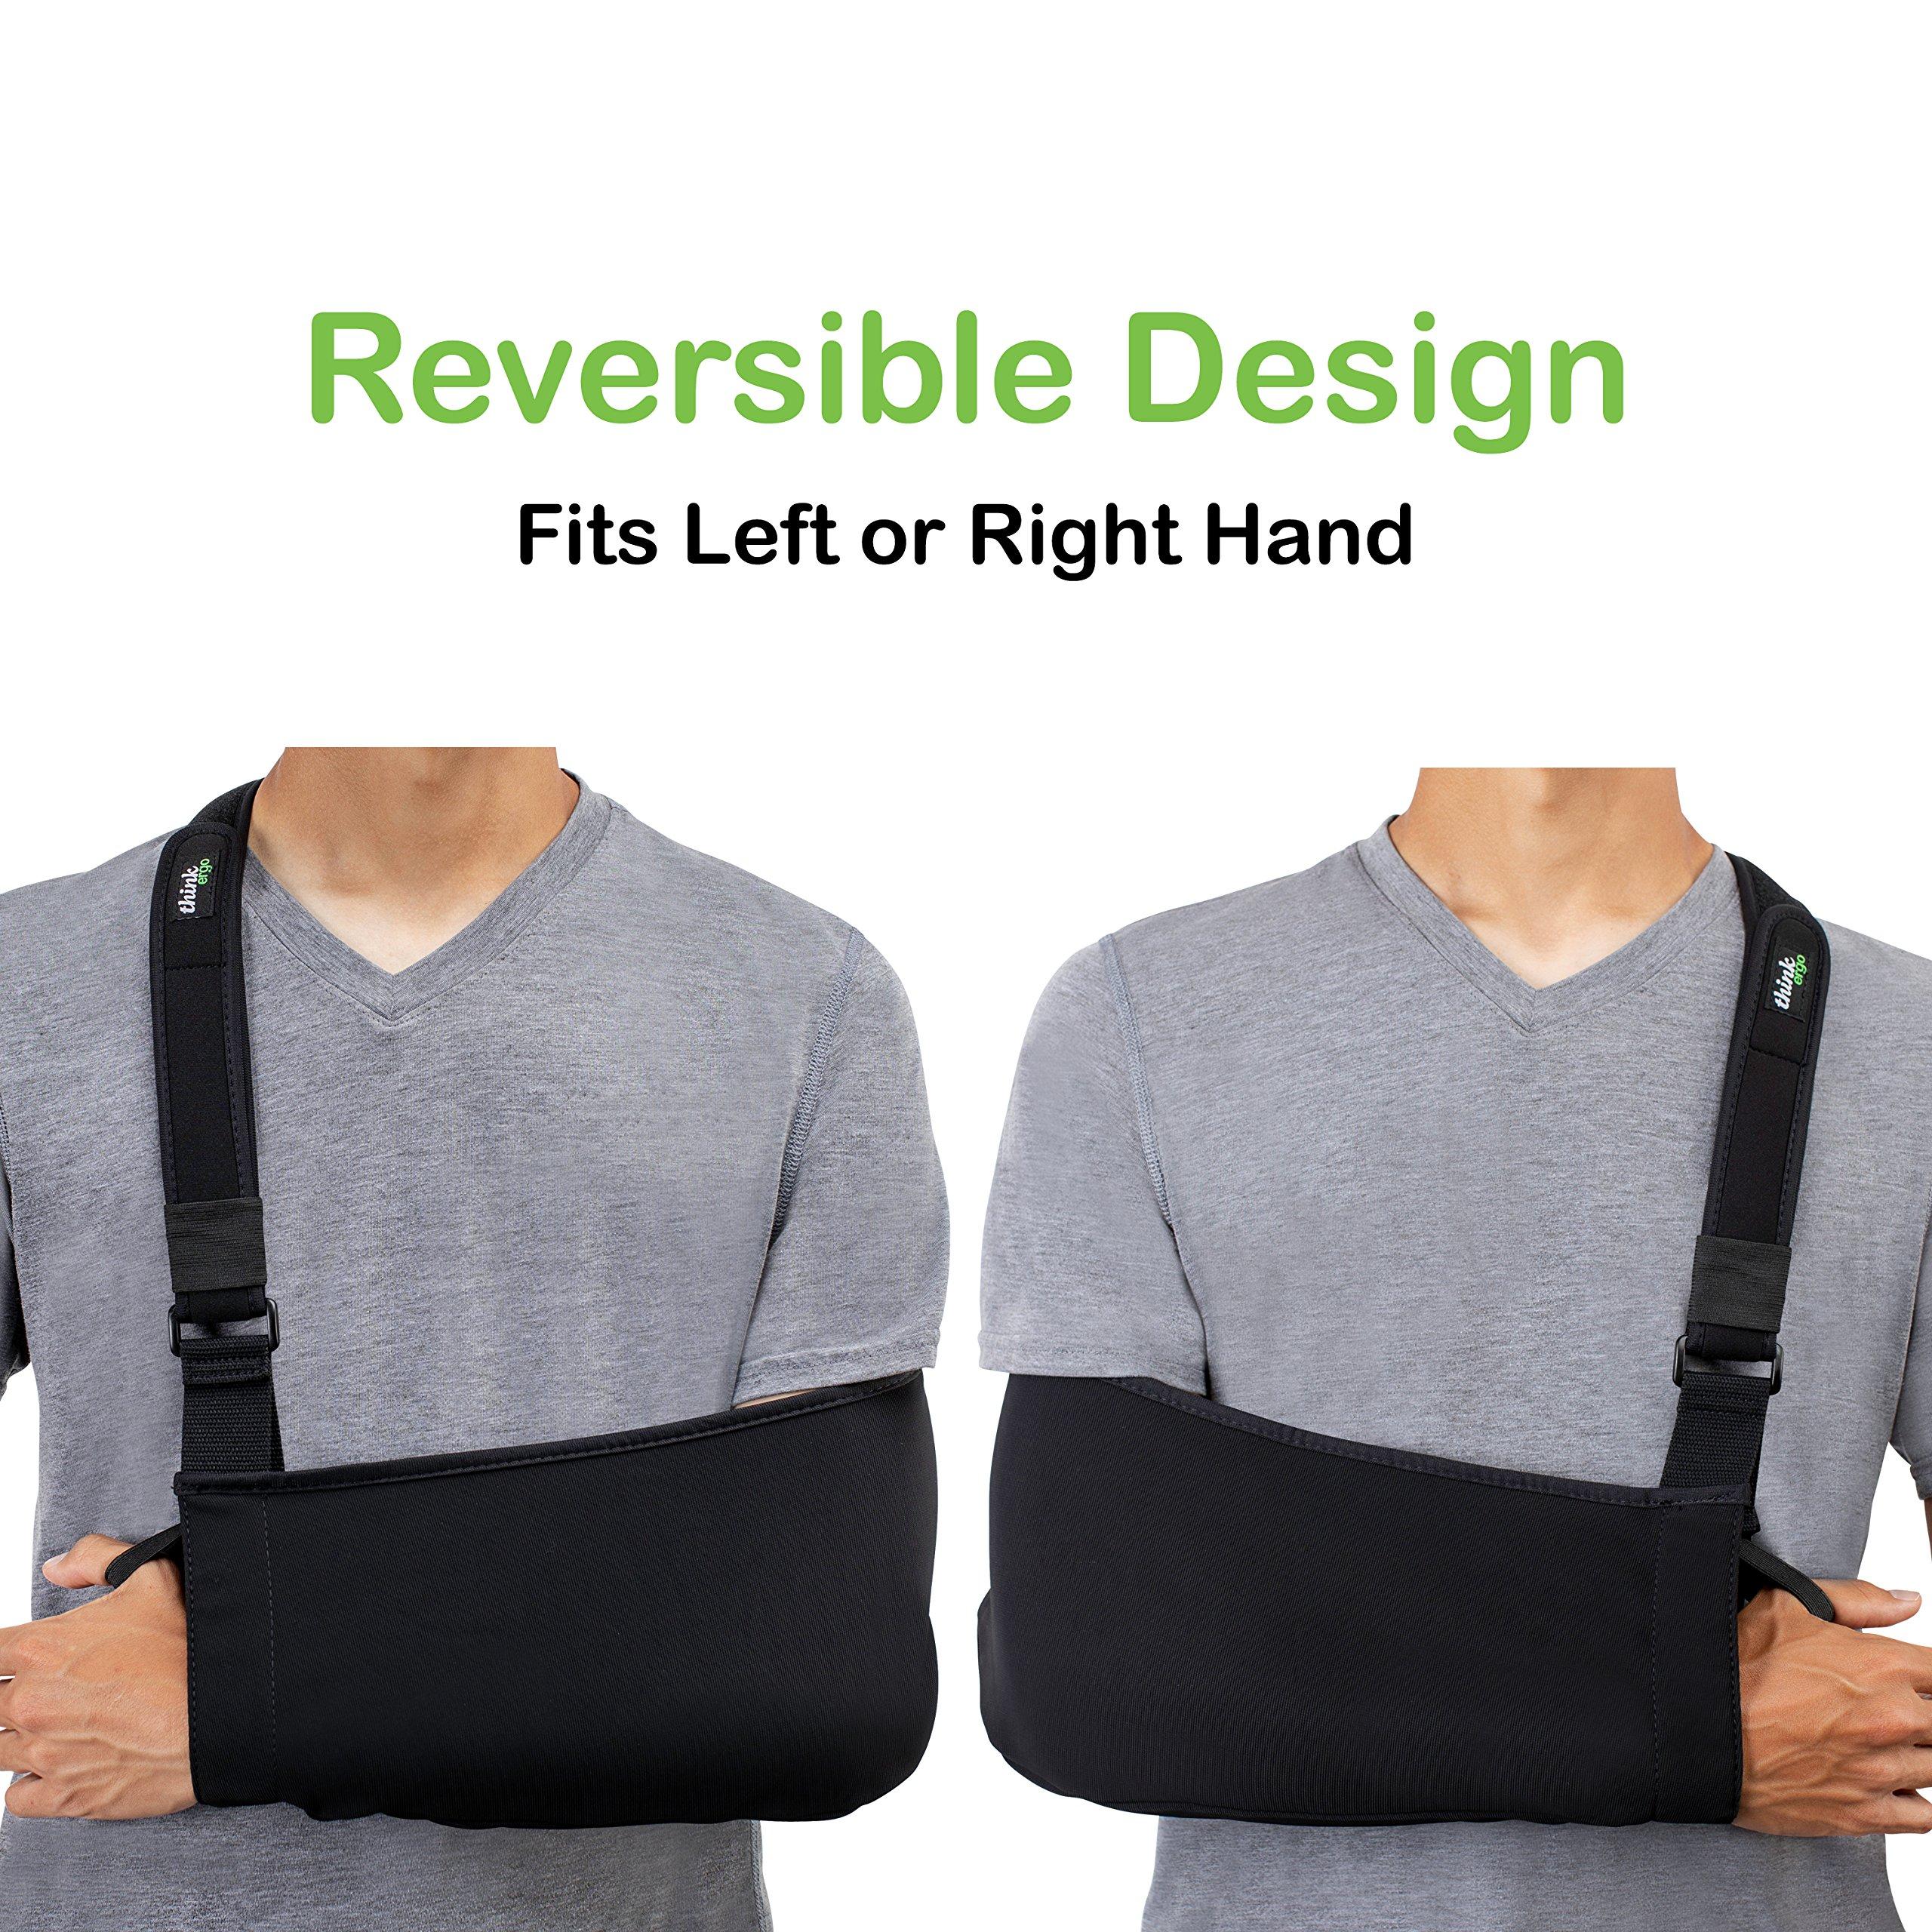 Think Ergo Arm Sling Sport - Lightweight, Breathable, Ergonomically Designed Medical Sling for Broken & Fractured Bones - Adjustable Arm, Shoulder & Rotator Cuff Support (Adult) by Think Ergo (Image #3)